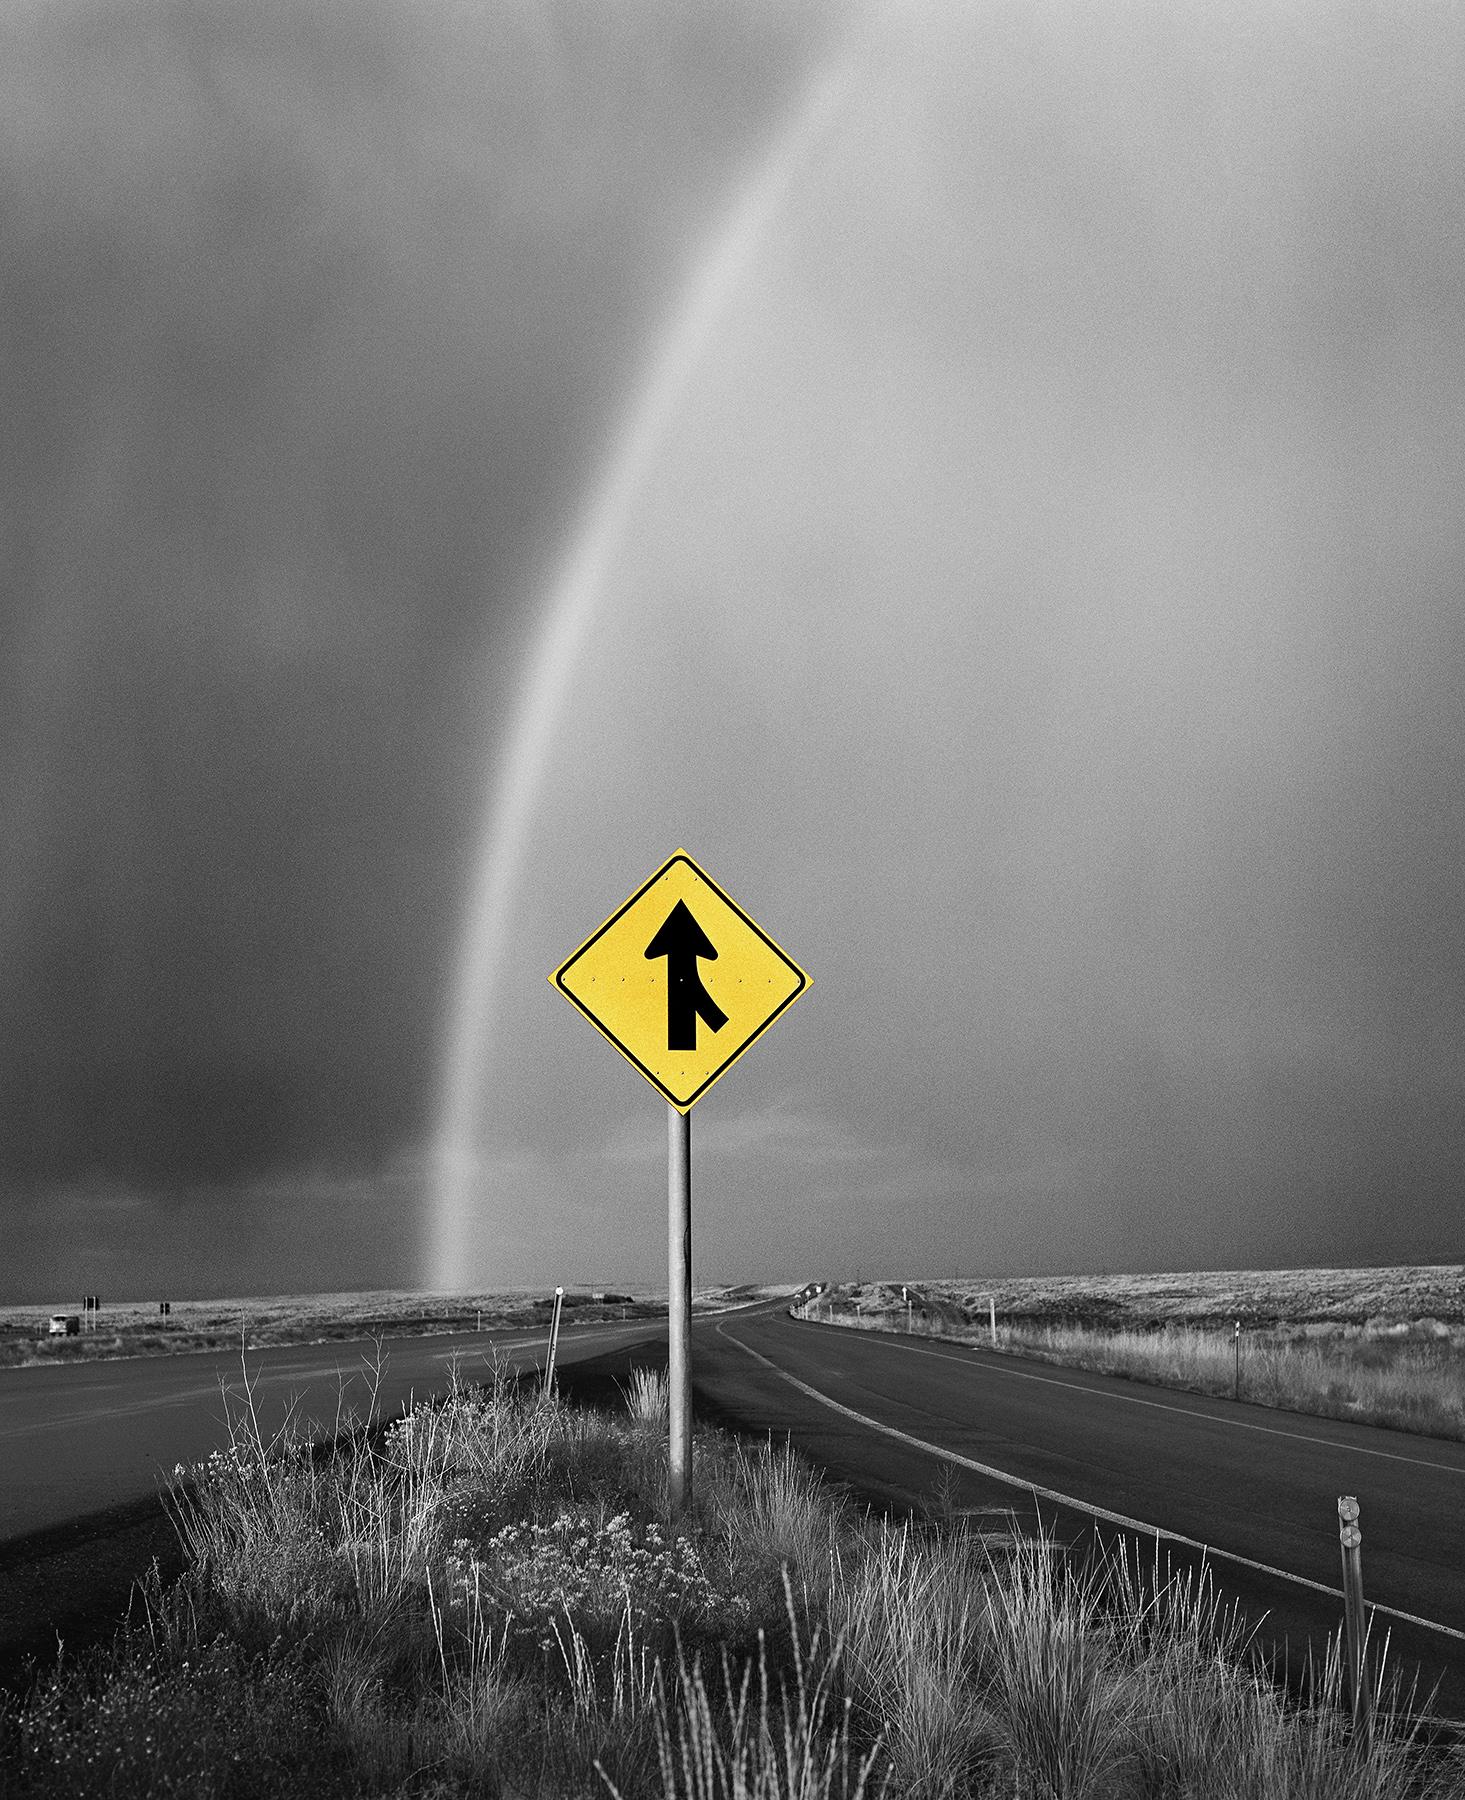 Rainbow & Arrow, Utah, 1979/2015